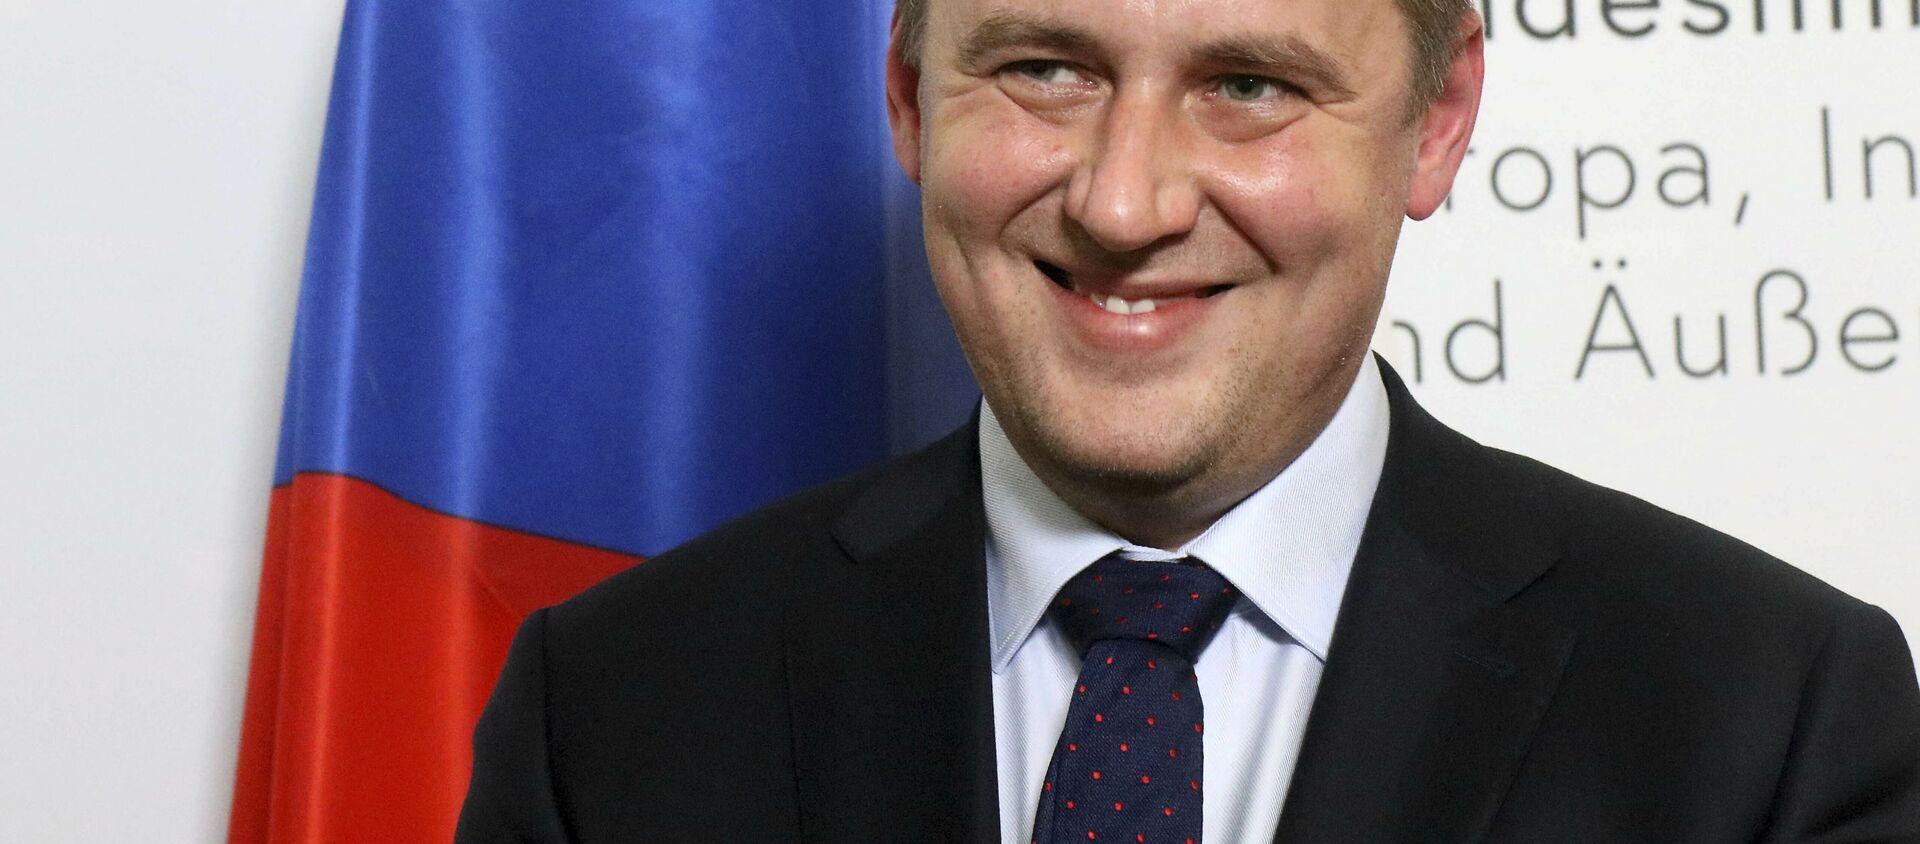 Český ministr zahraničí Tomáš Petříček - Sputnik Česká republika, 1920, 10.09.2020